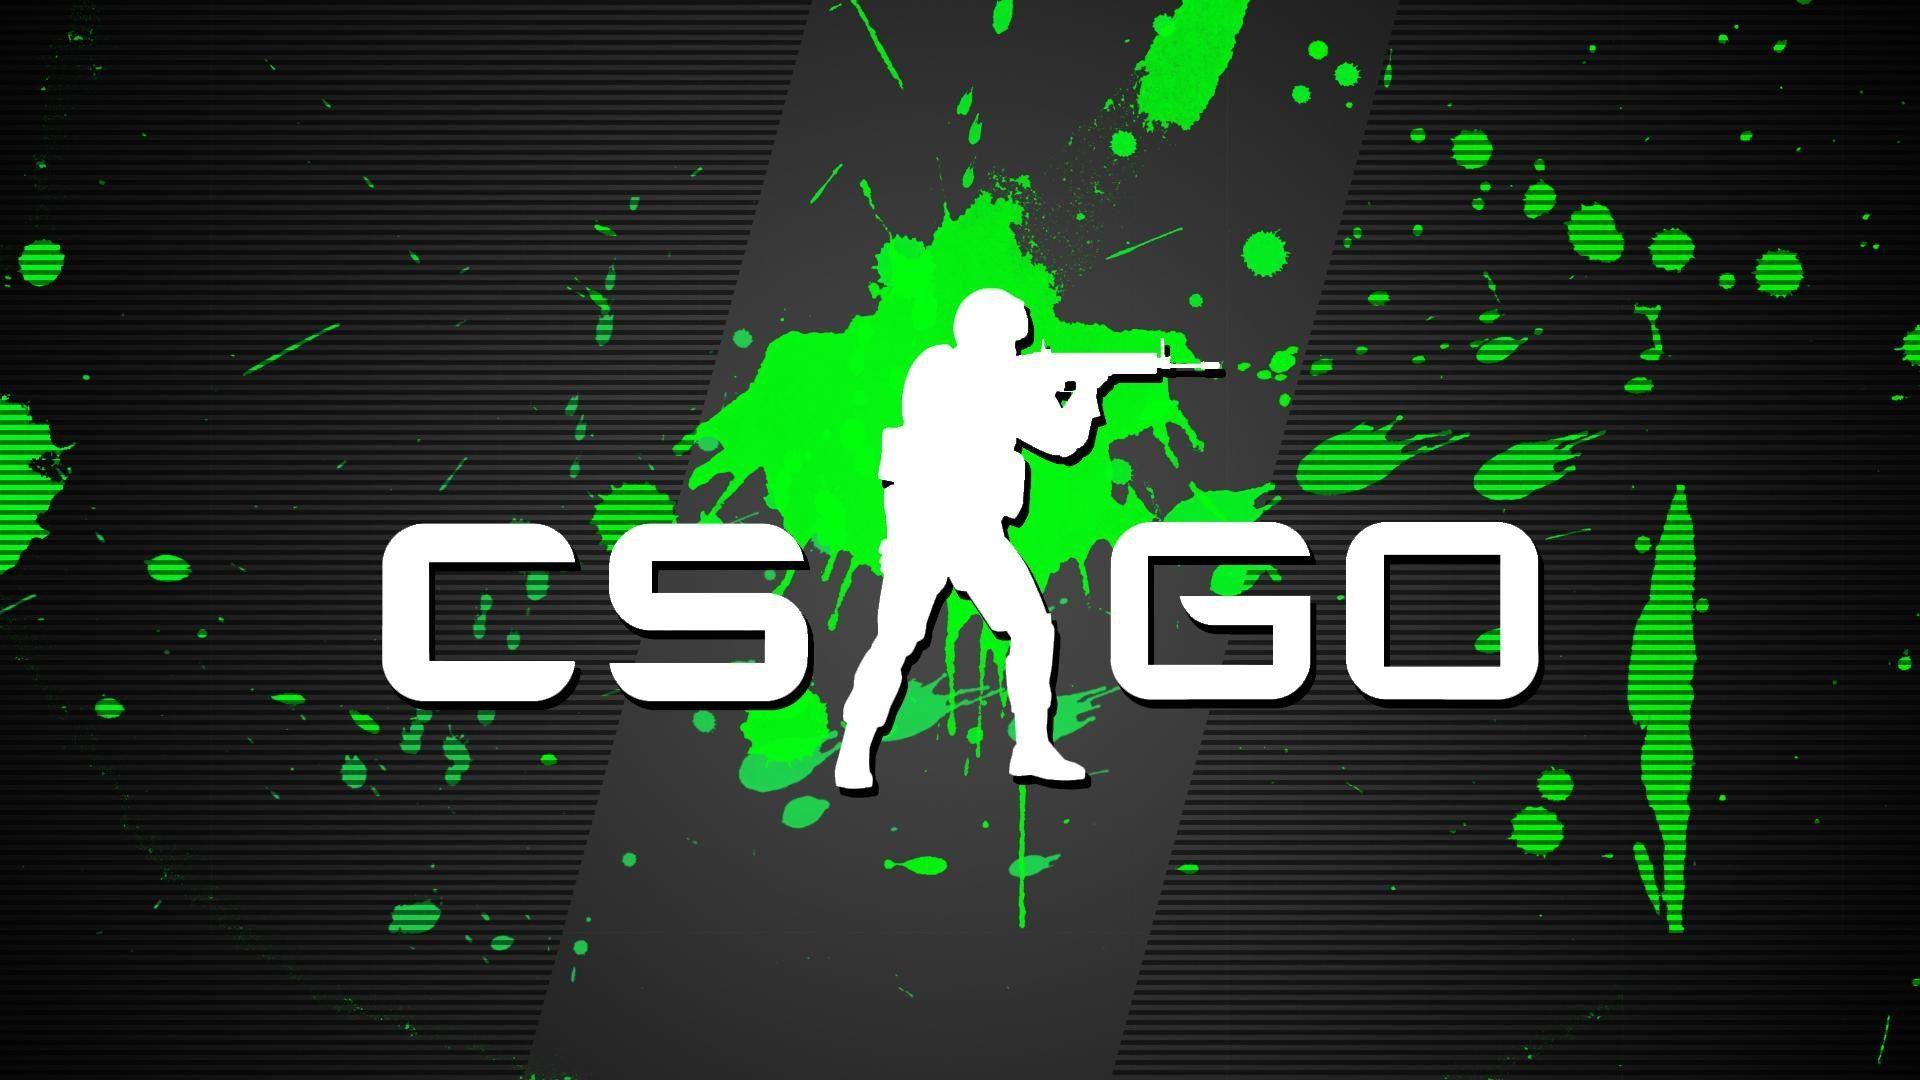 Cs Go Hd Wallpapers 1080p High Quality Cs Go Logo Wallpaper Cs Go Cs Go Hd